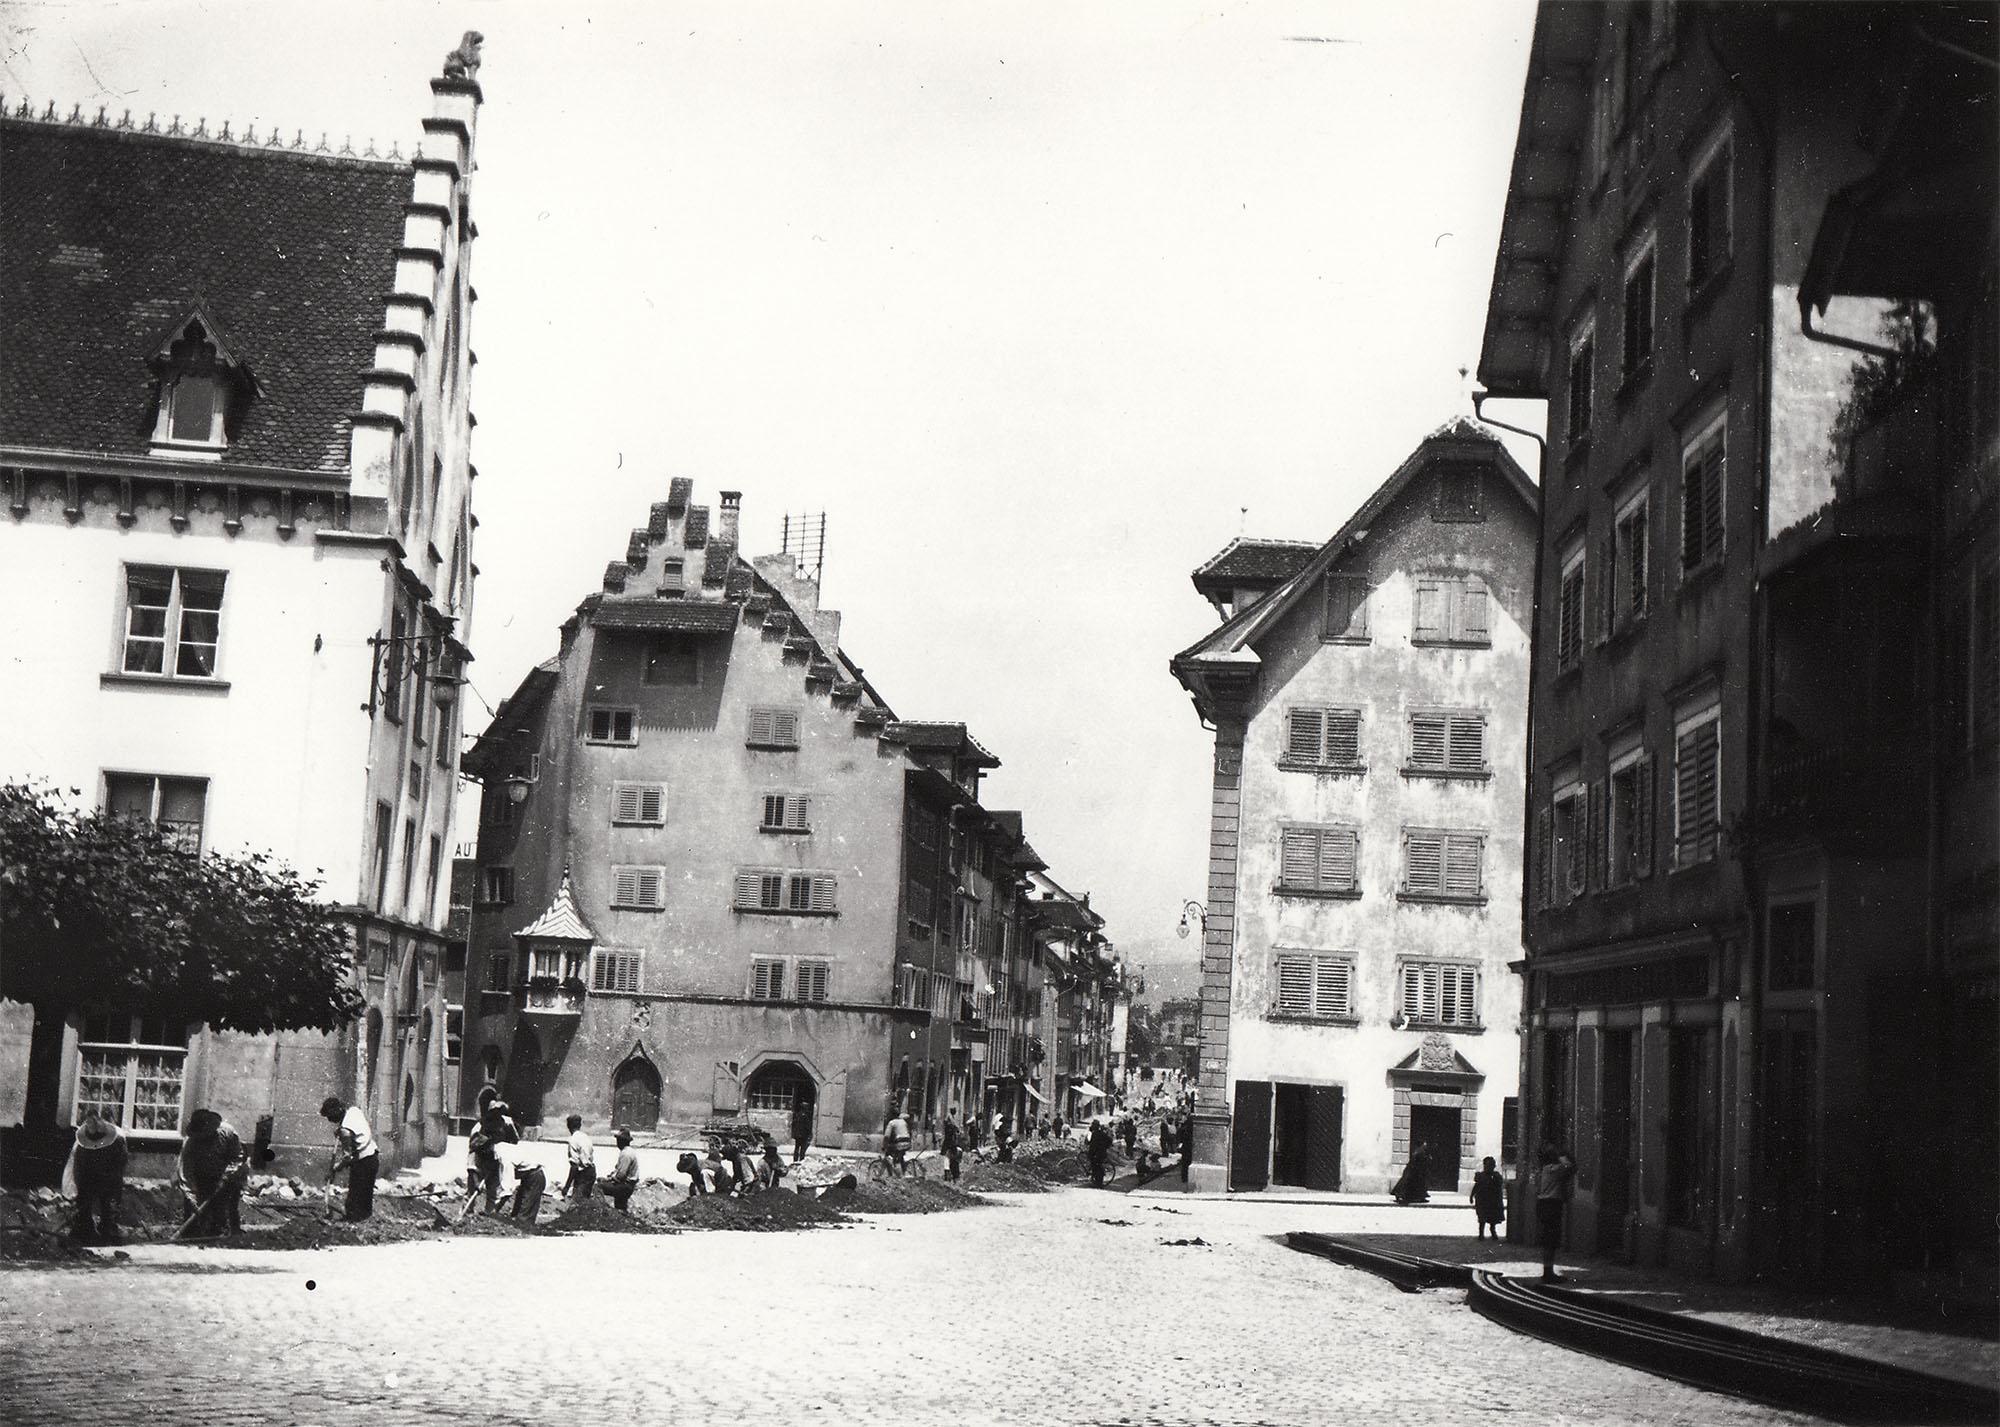 Verlegung der Gleise auf dem Kolinplatz